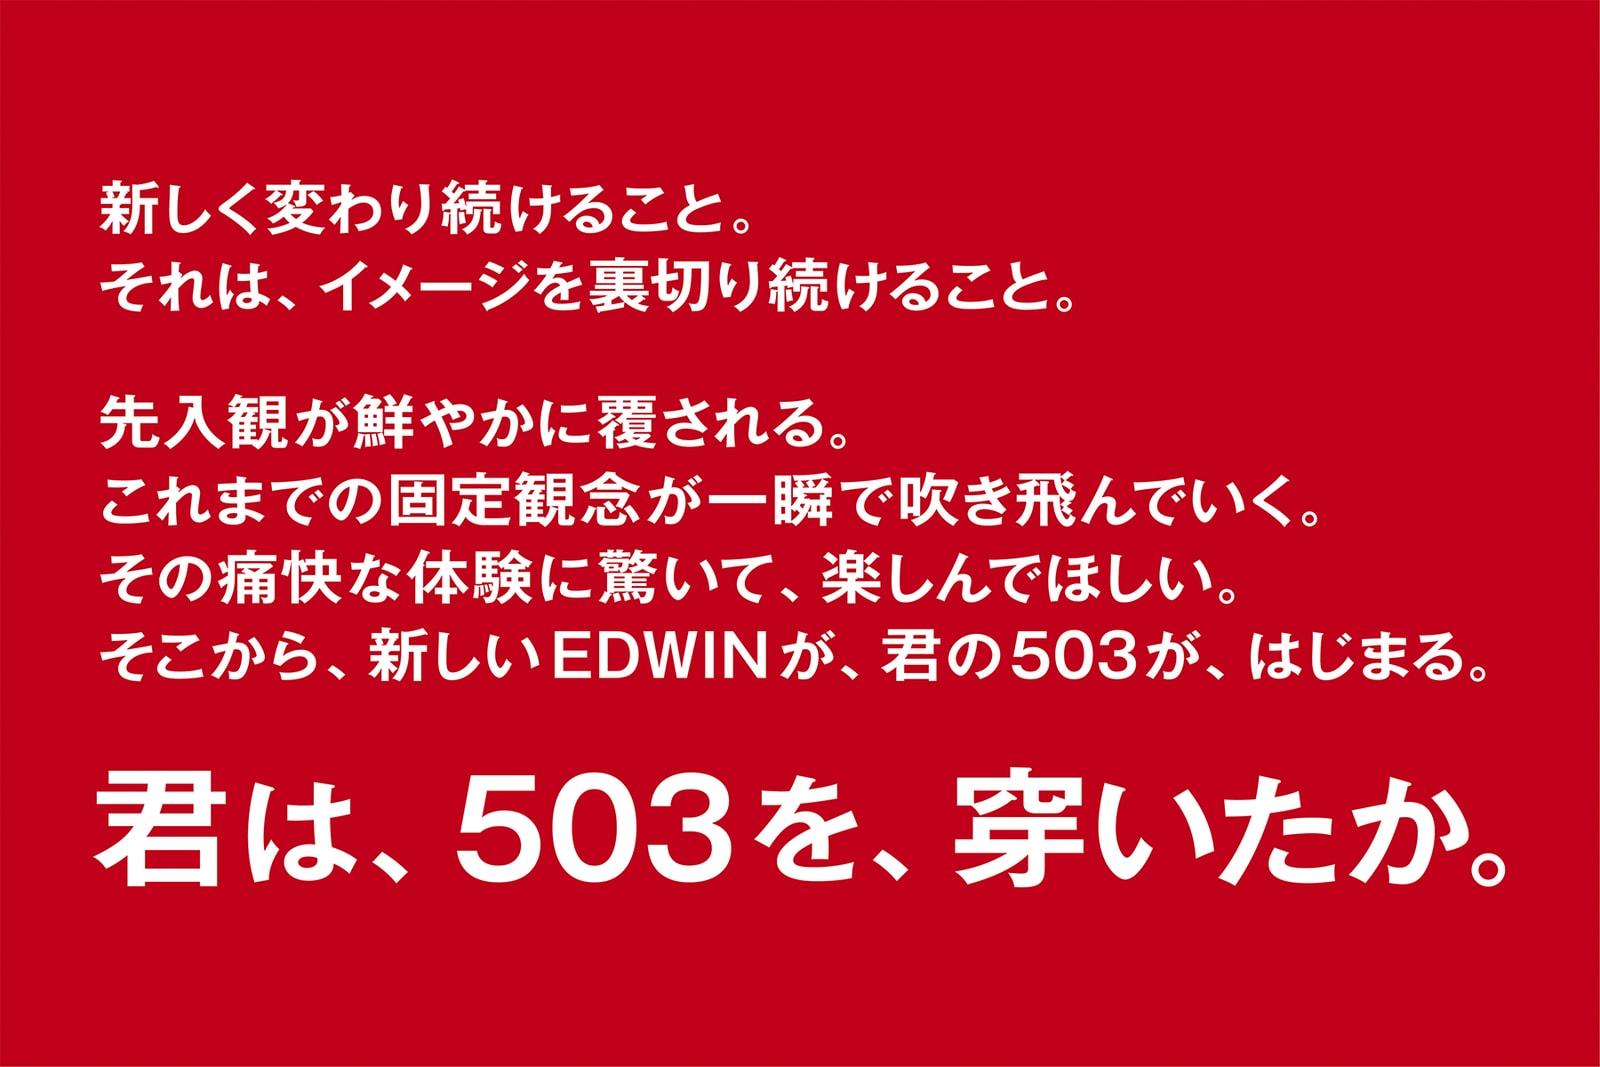 エドウィン EDWIN 定番型 503 シリーズ 刷新 モデル 発売